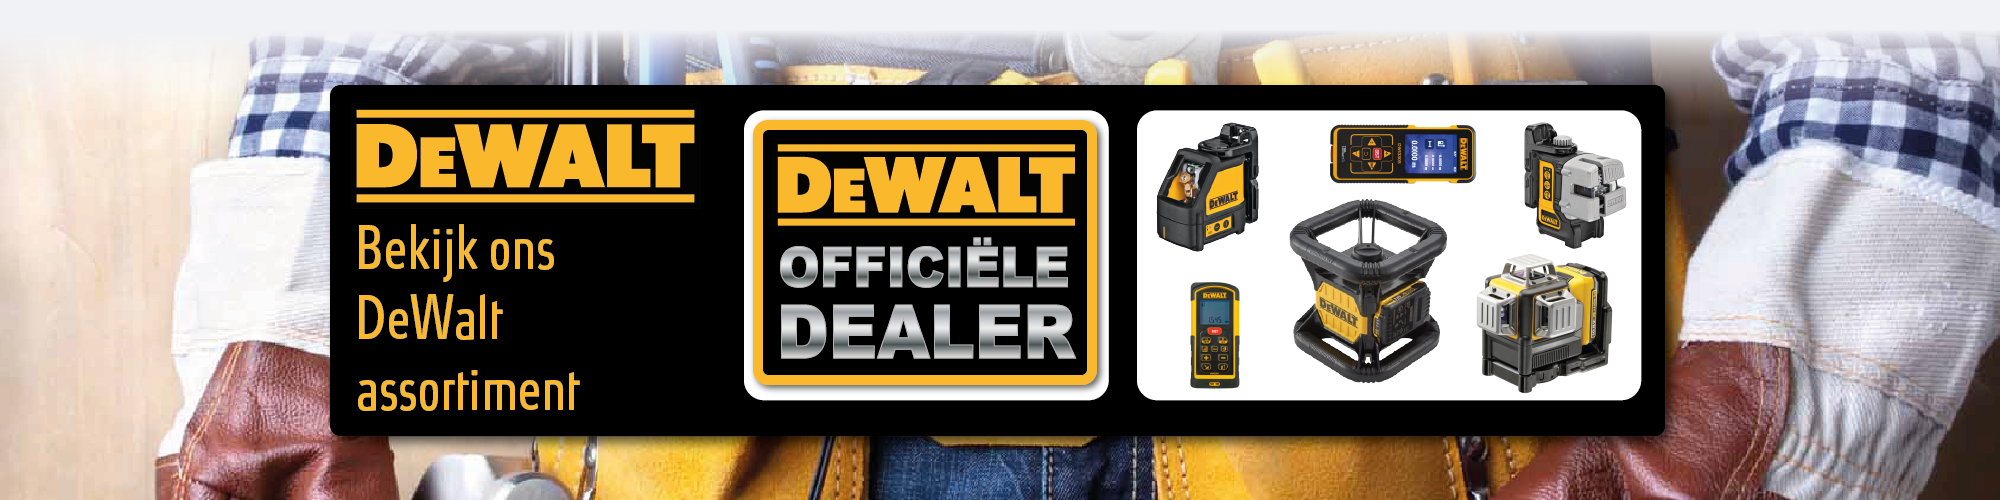 ToolProfessional.nl Professioneel gereedschap! banner 2